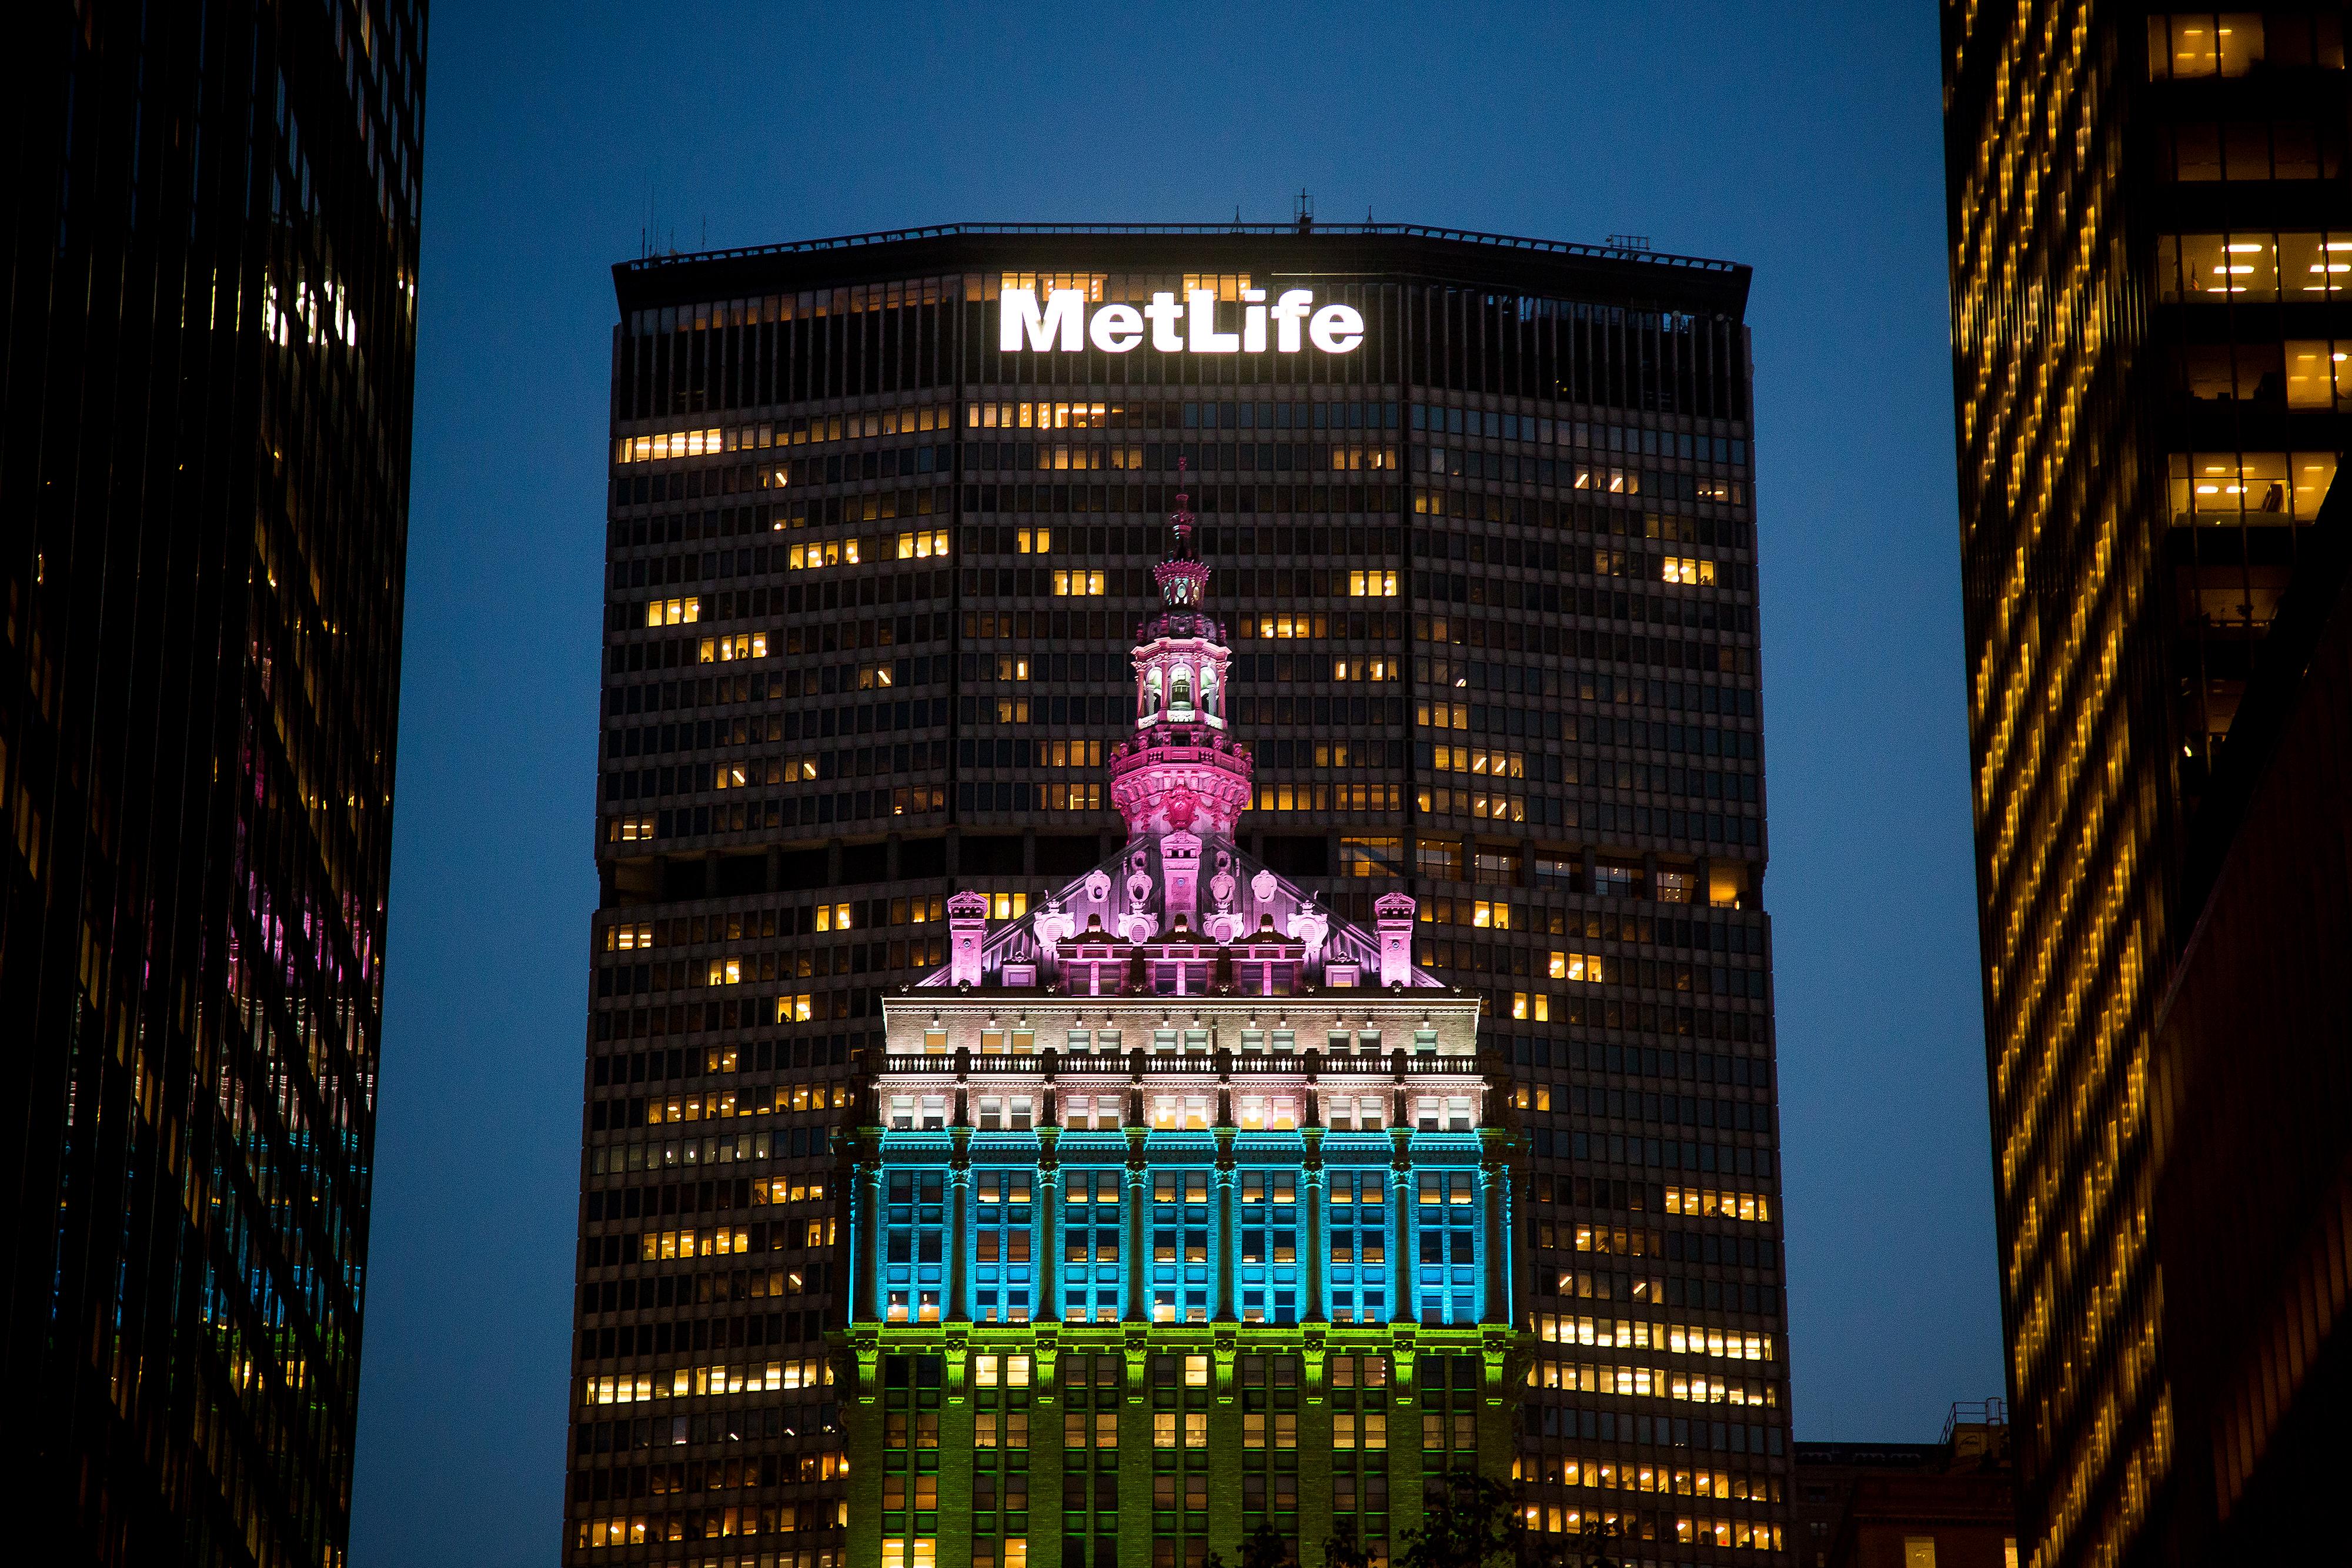 The MetLife Inc. Building Ahead Of Earnings Figures